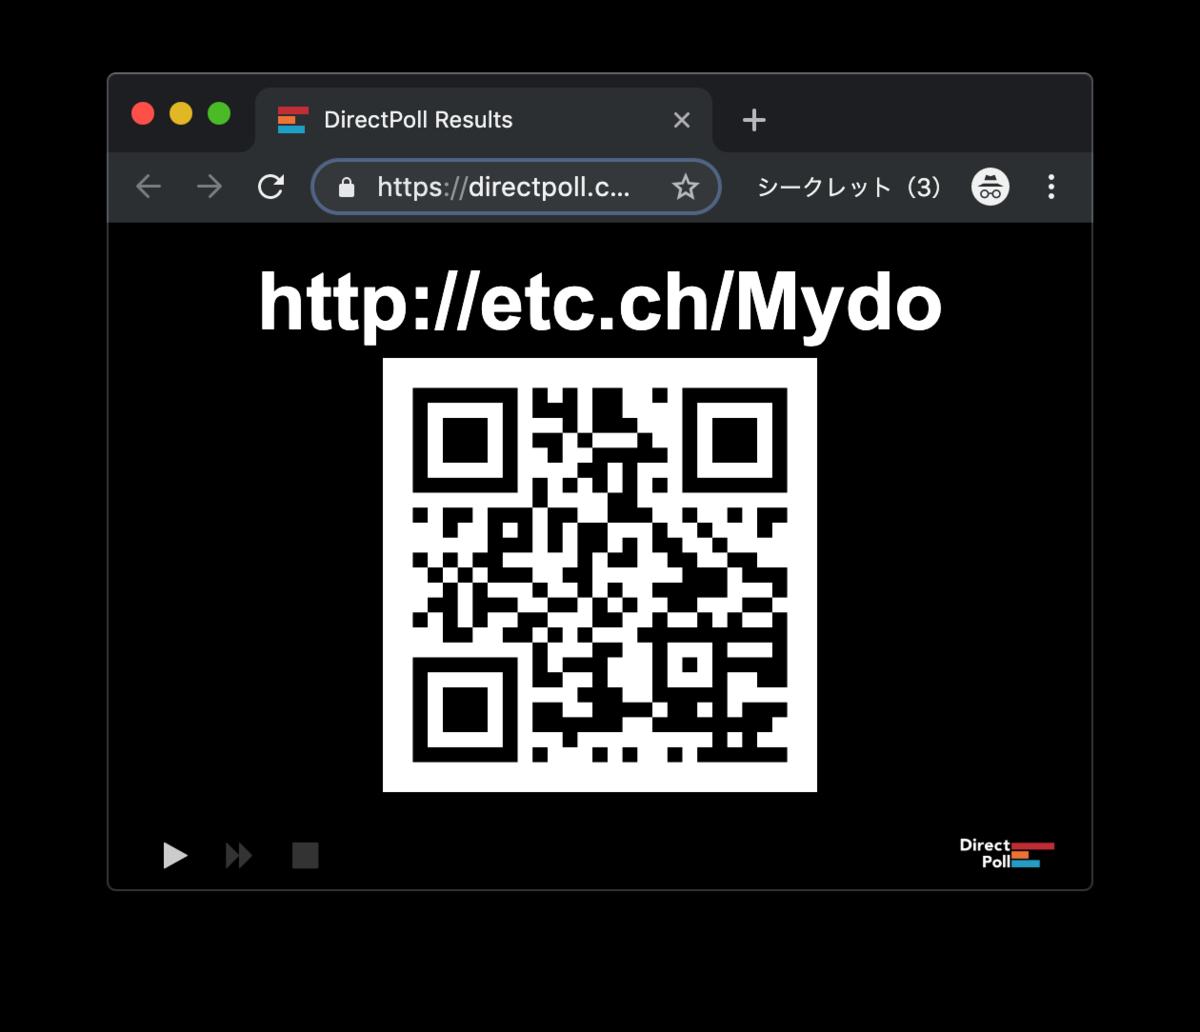 f:id:pirox07:20190521132810p:plain